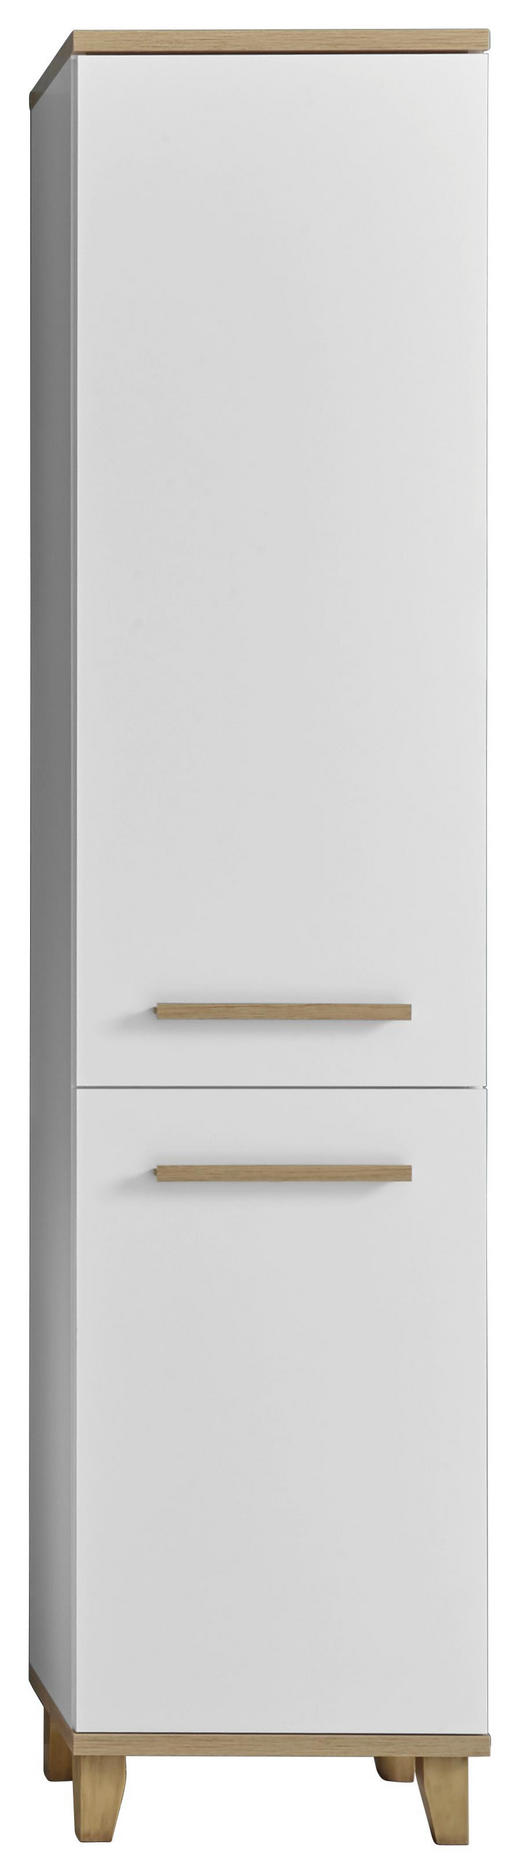 HOCHSCHRANK Weiß - Eichefarben/Weiß, Design, Holzwerkstoff/Kunststoff (45/198/30cm) - Xora